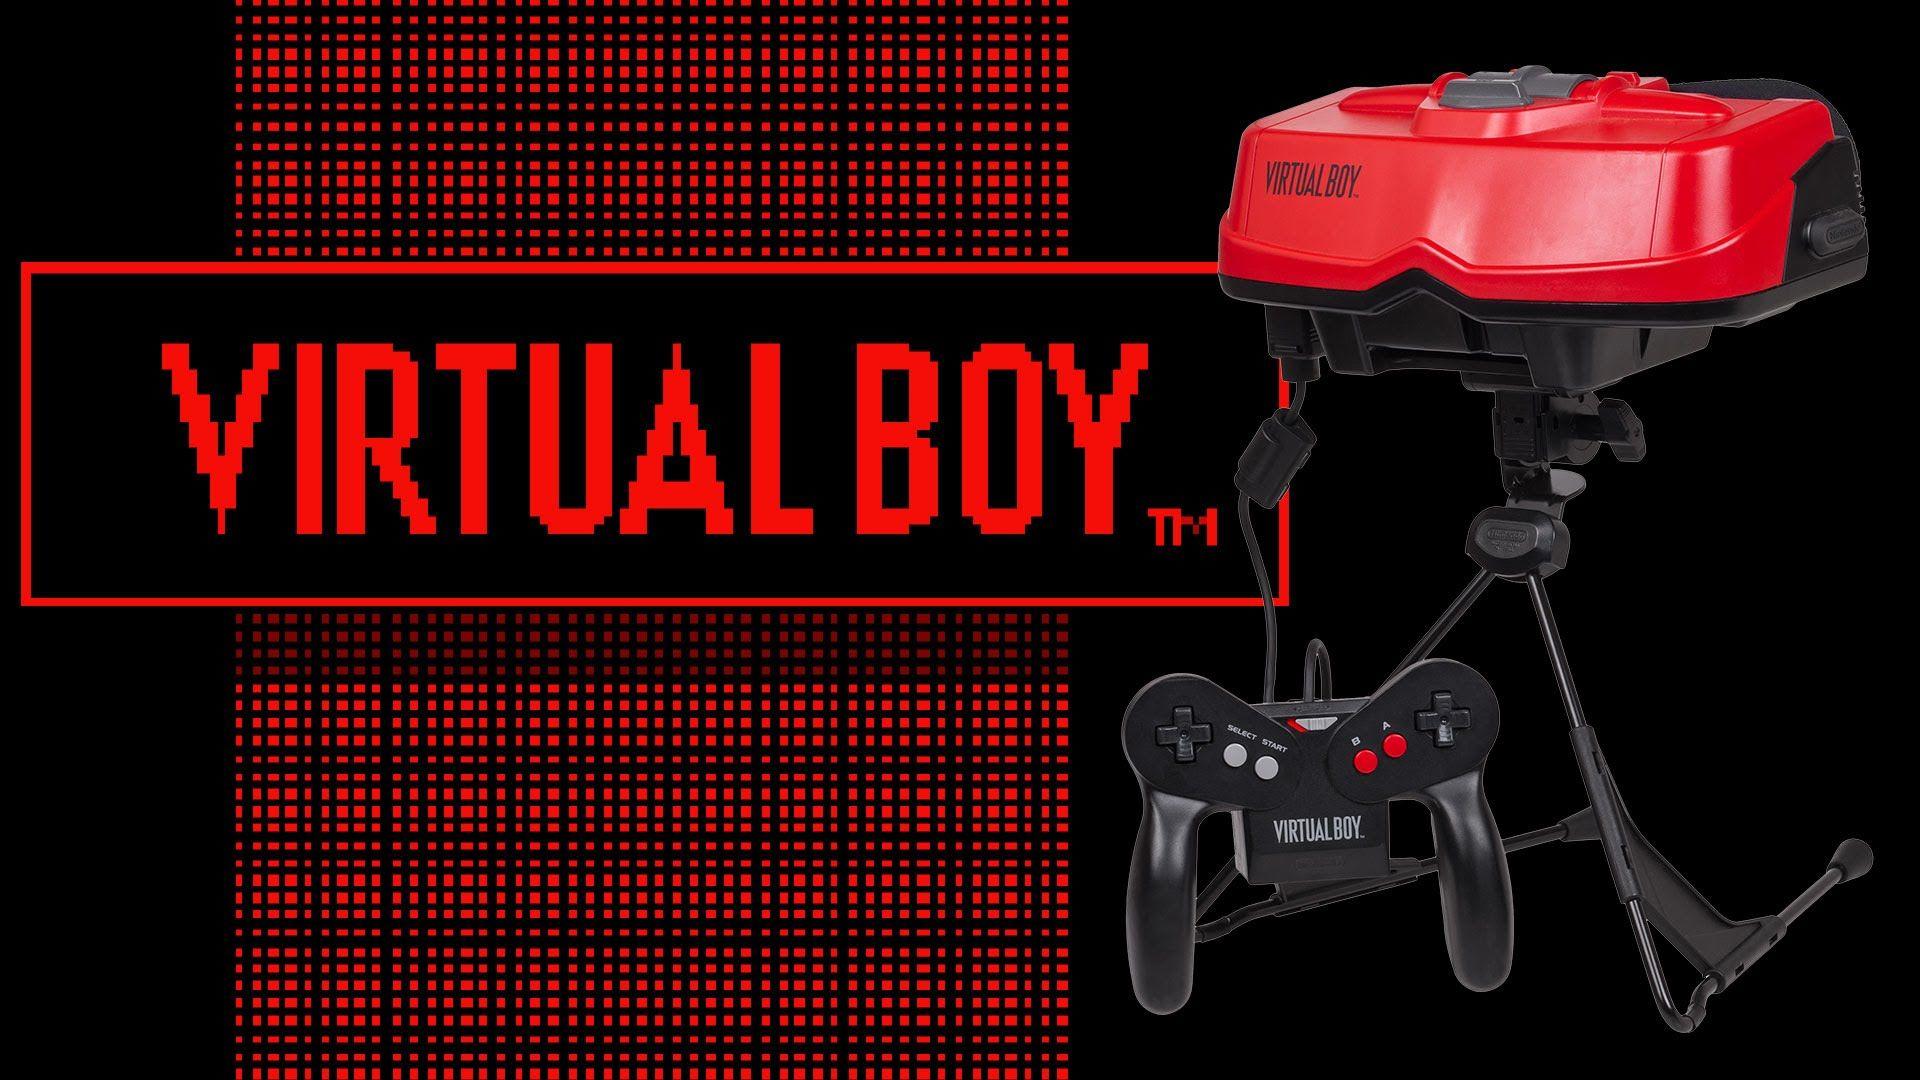 نگاهی به ماجراهای کنسول Virtual Boy، سنگینترین شکست تاریخ نینتندو